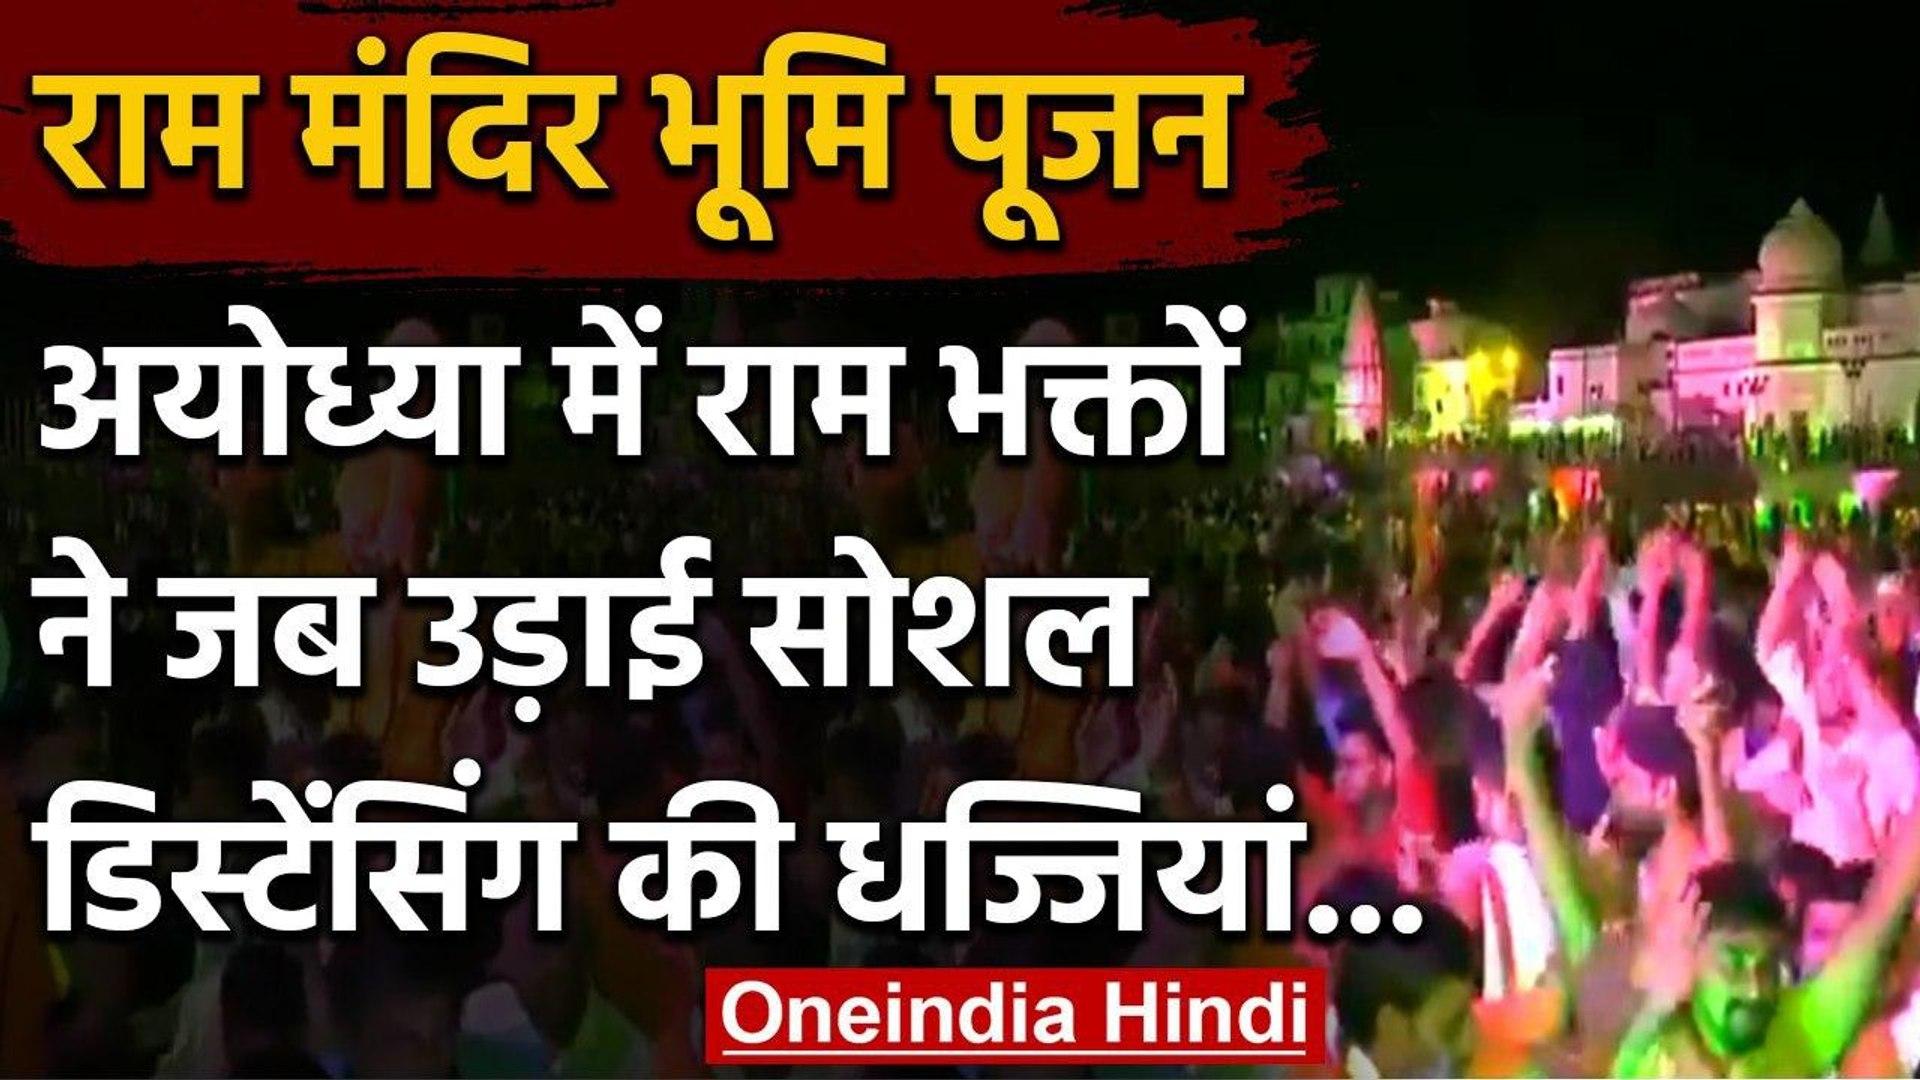 Ram Mandir Bhoomi Pujan: Saryu के तट पर जब जोश में होश खो बैठे 'रामभक्त' | वनइंडिया हिंदी